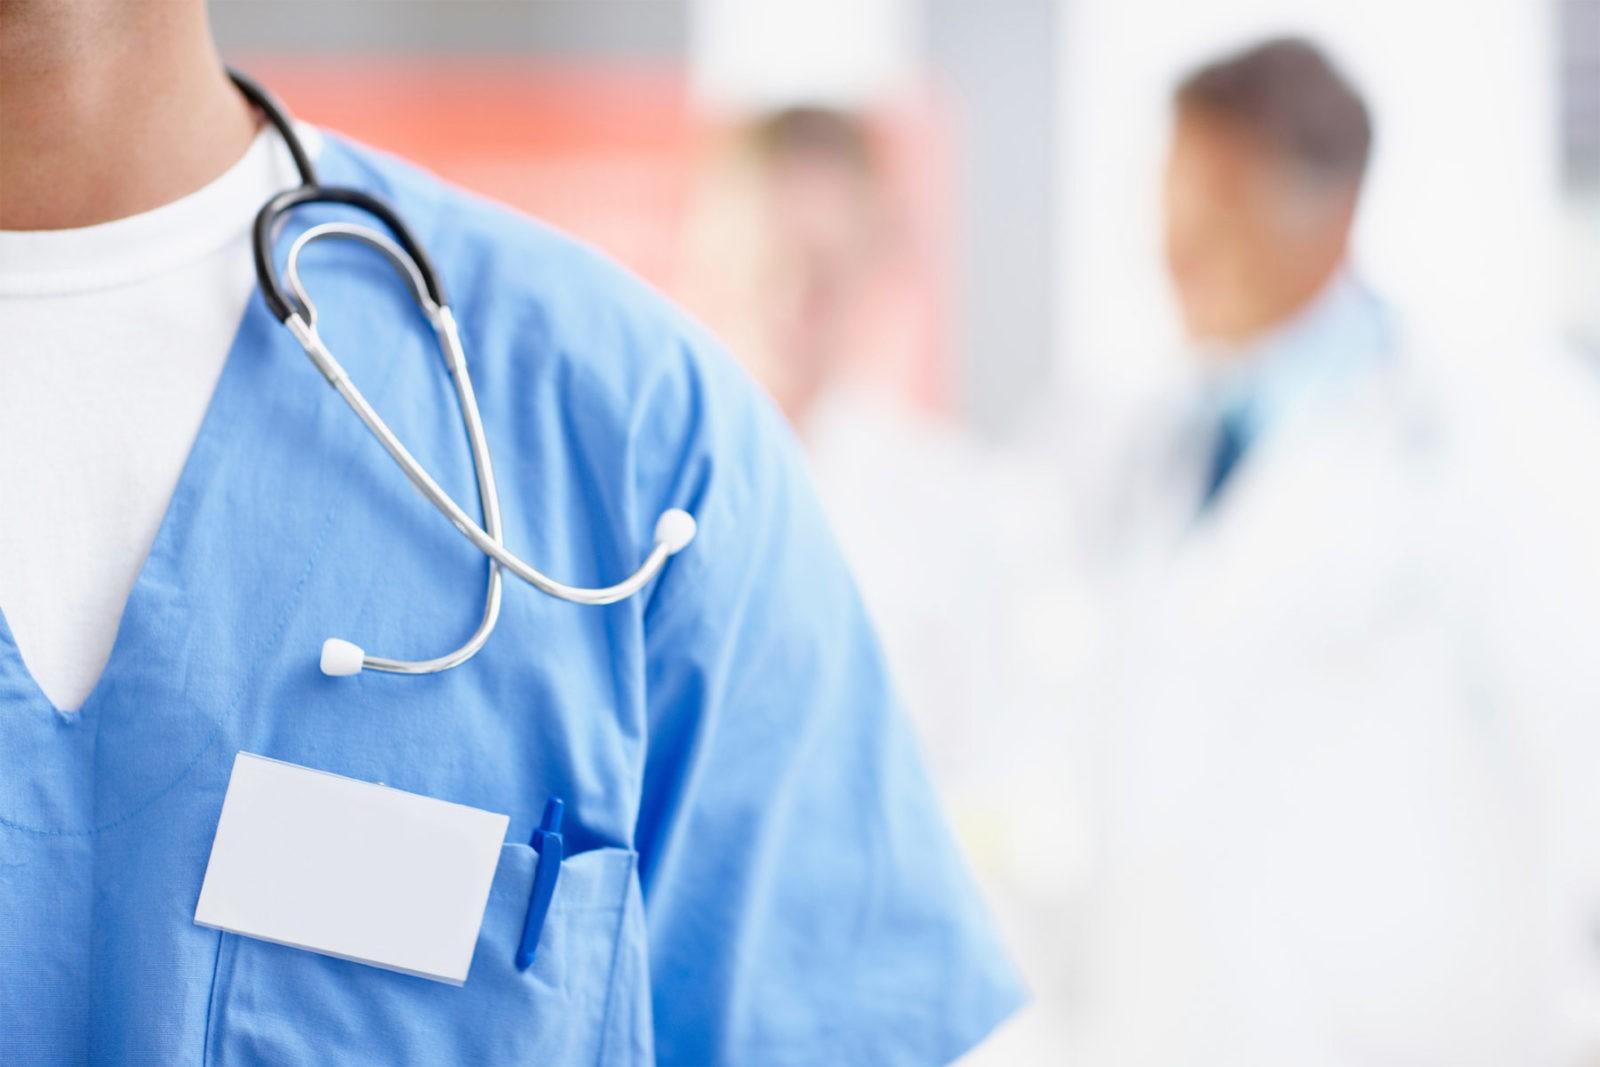 Каким образом аутоиммунные расстройства влияют на развитие простатита?